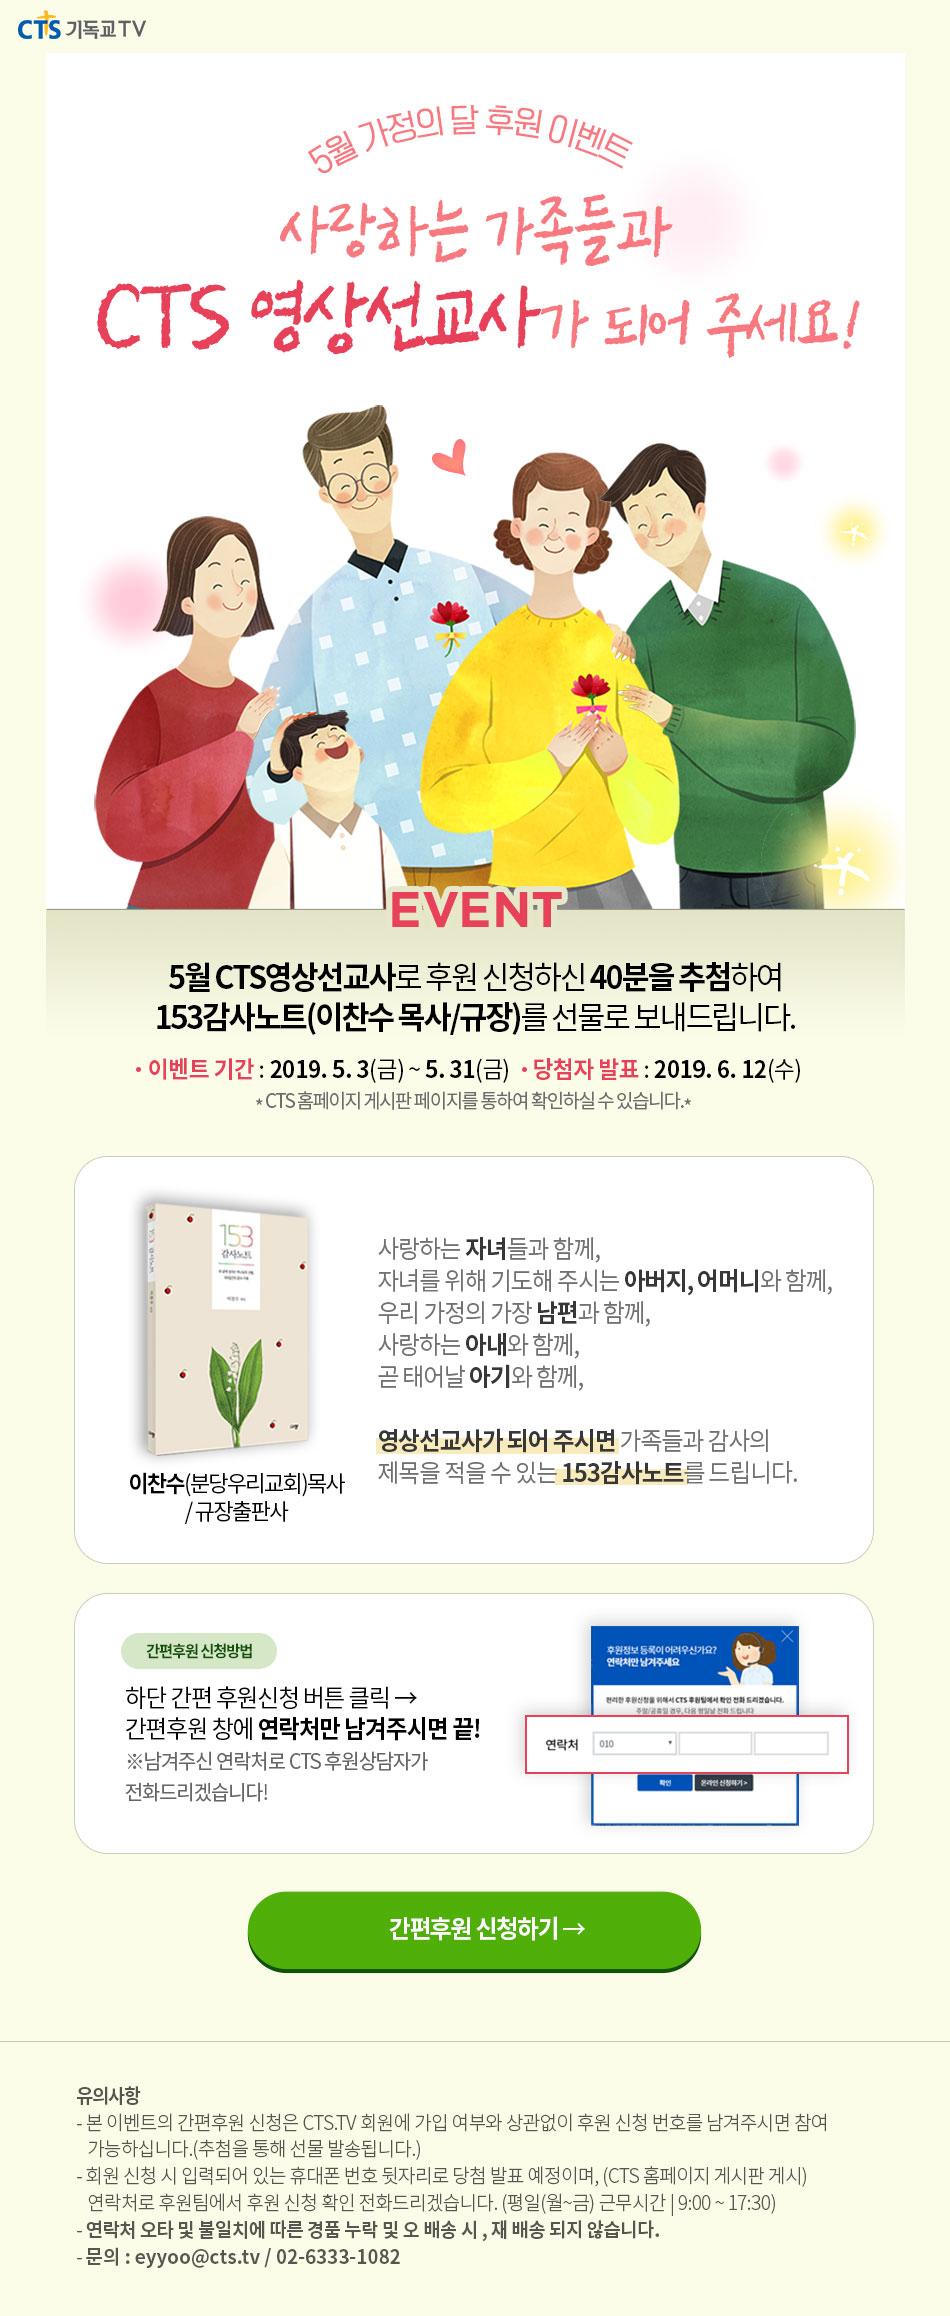 CTS영상선교 후원 이벤트